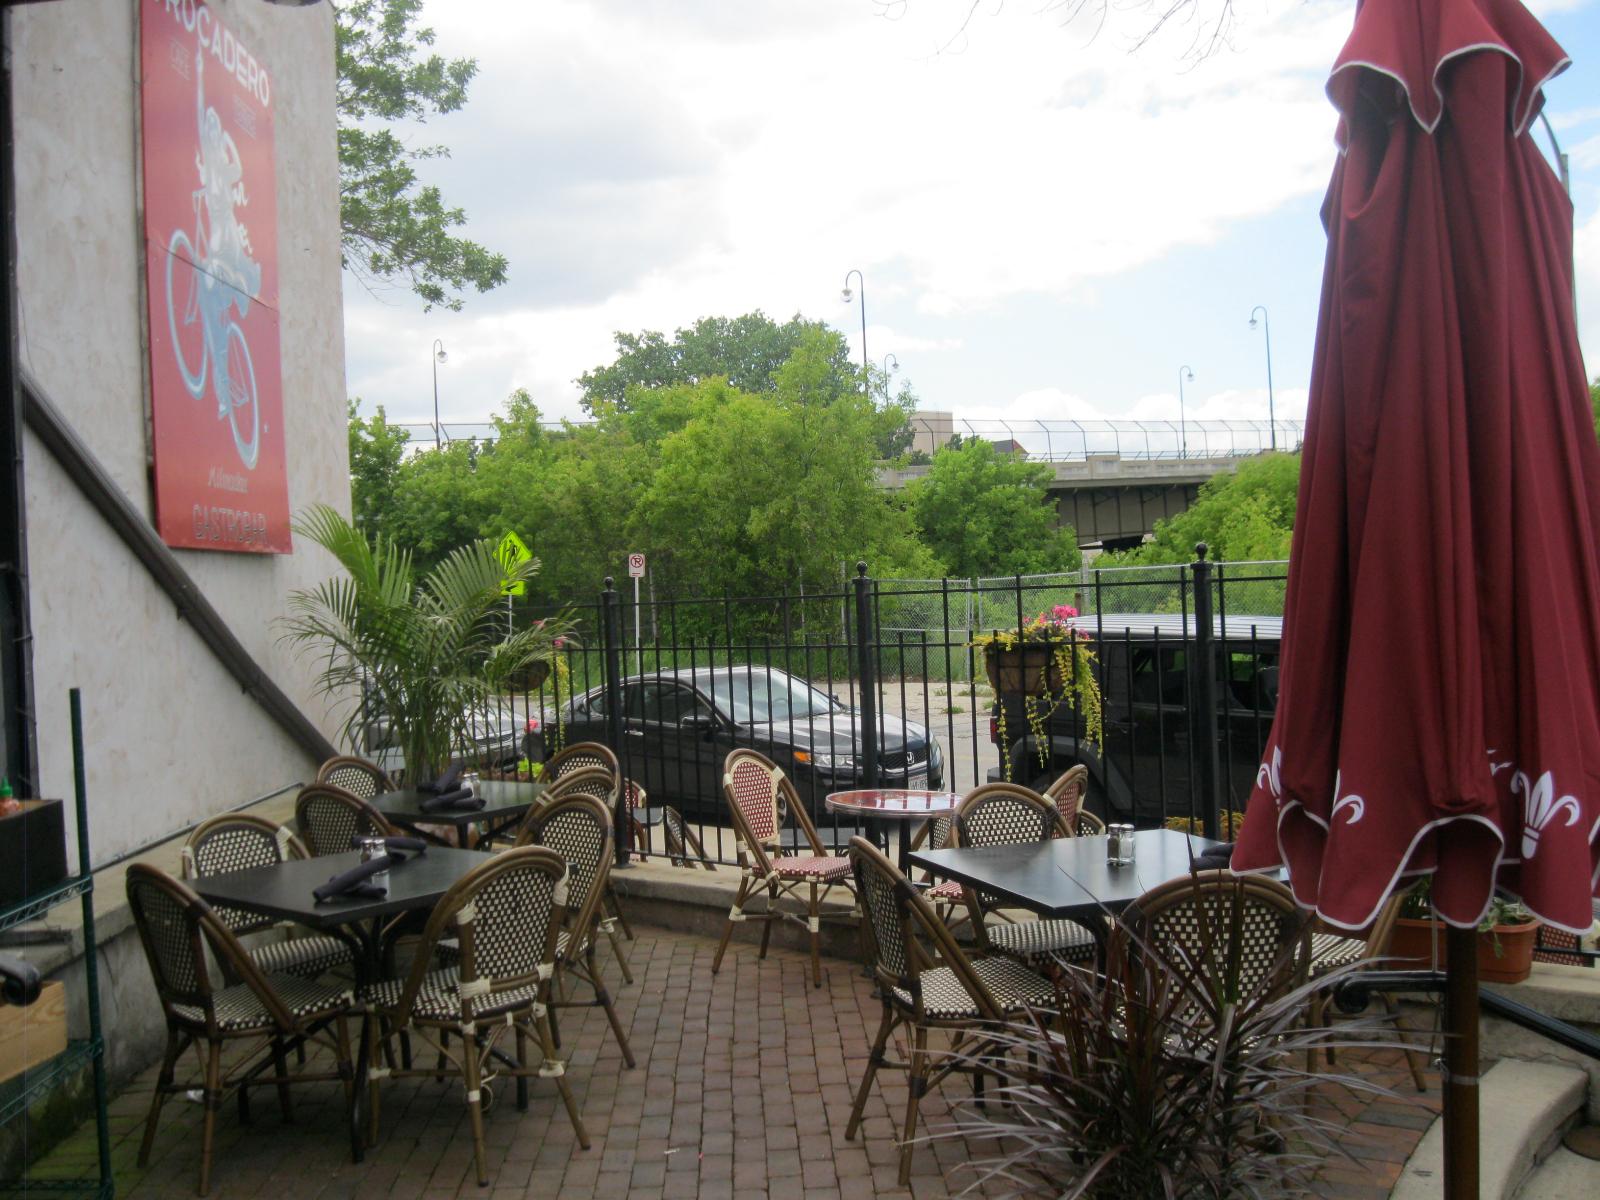 Trocadero patio. Photo taken July 1st, 2014 by Rose Balistreri.